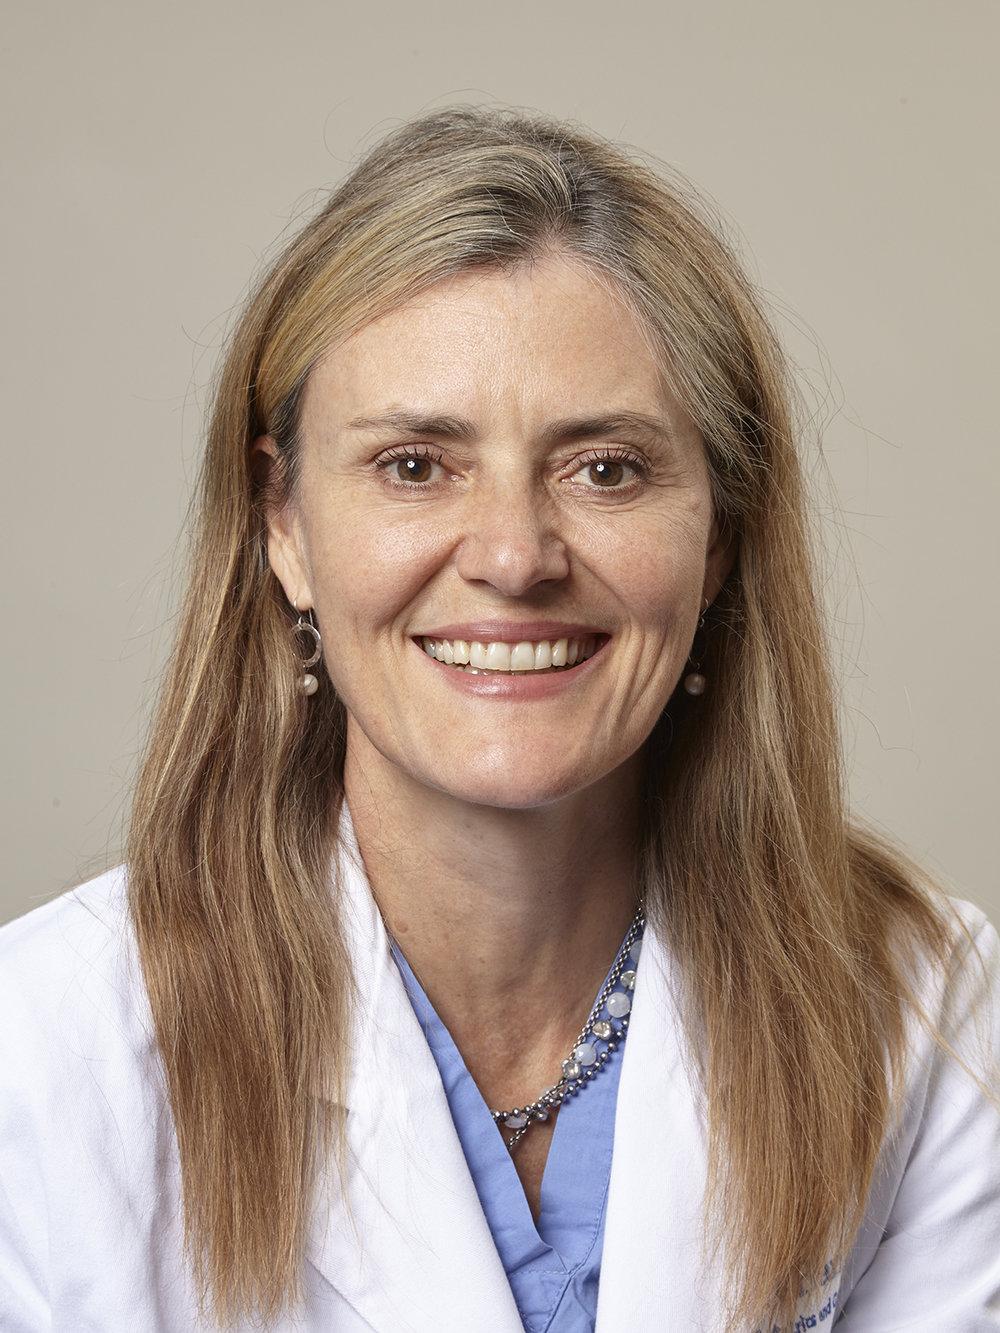 Dr. Shanti Mohling